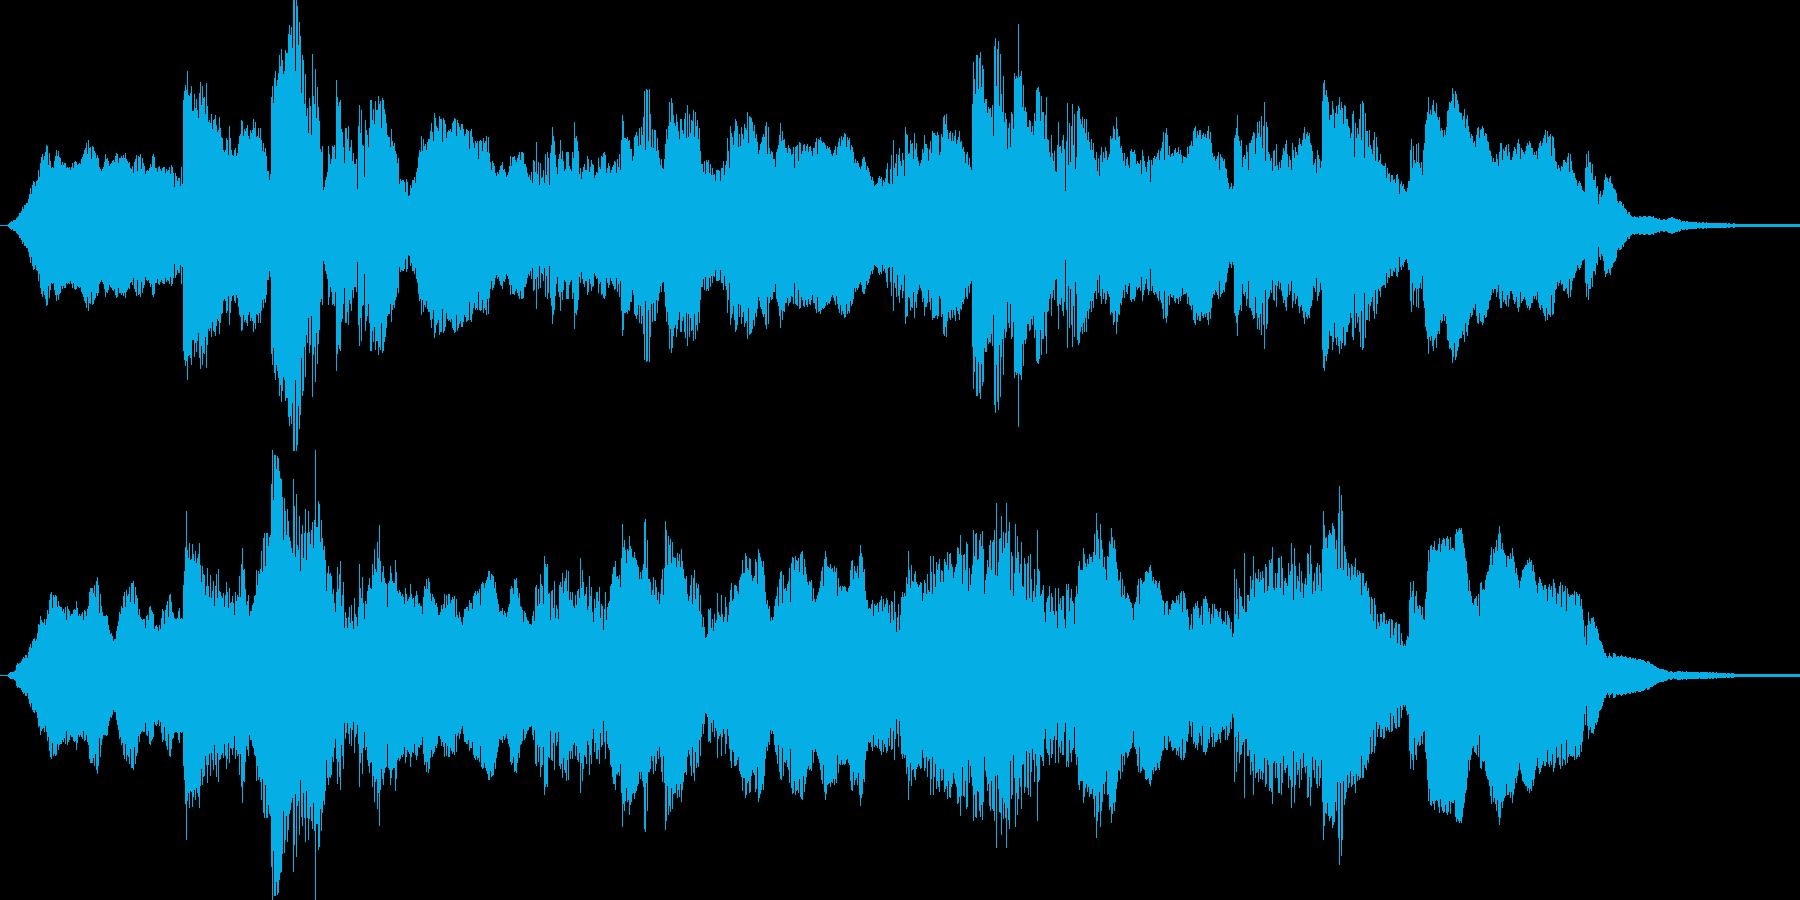 ゆったりした目覚めの短めBGMの再生済みの波形